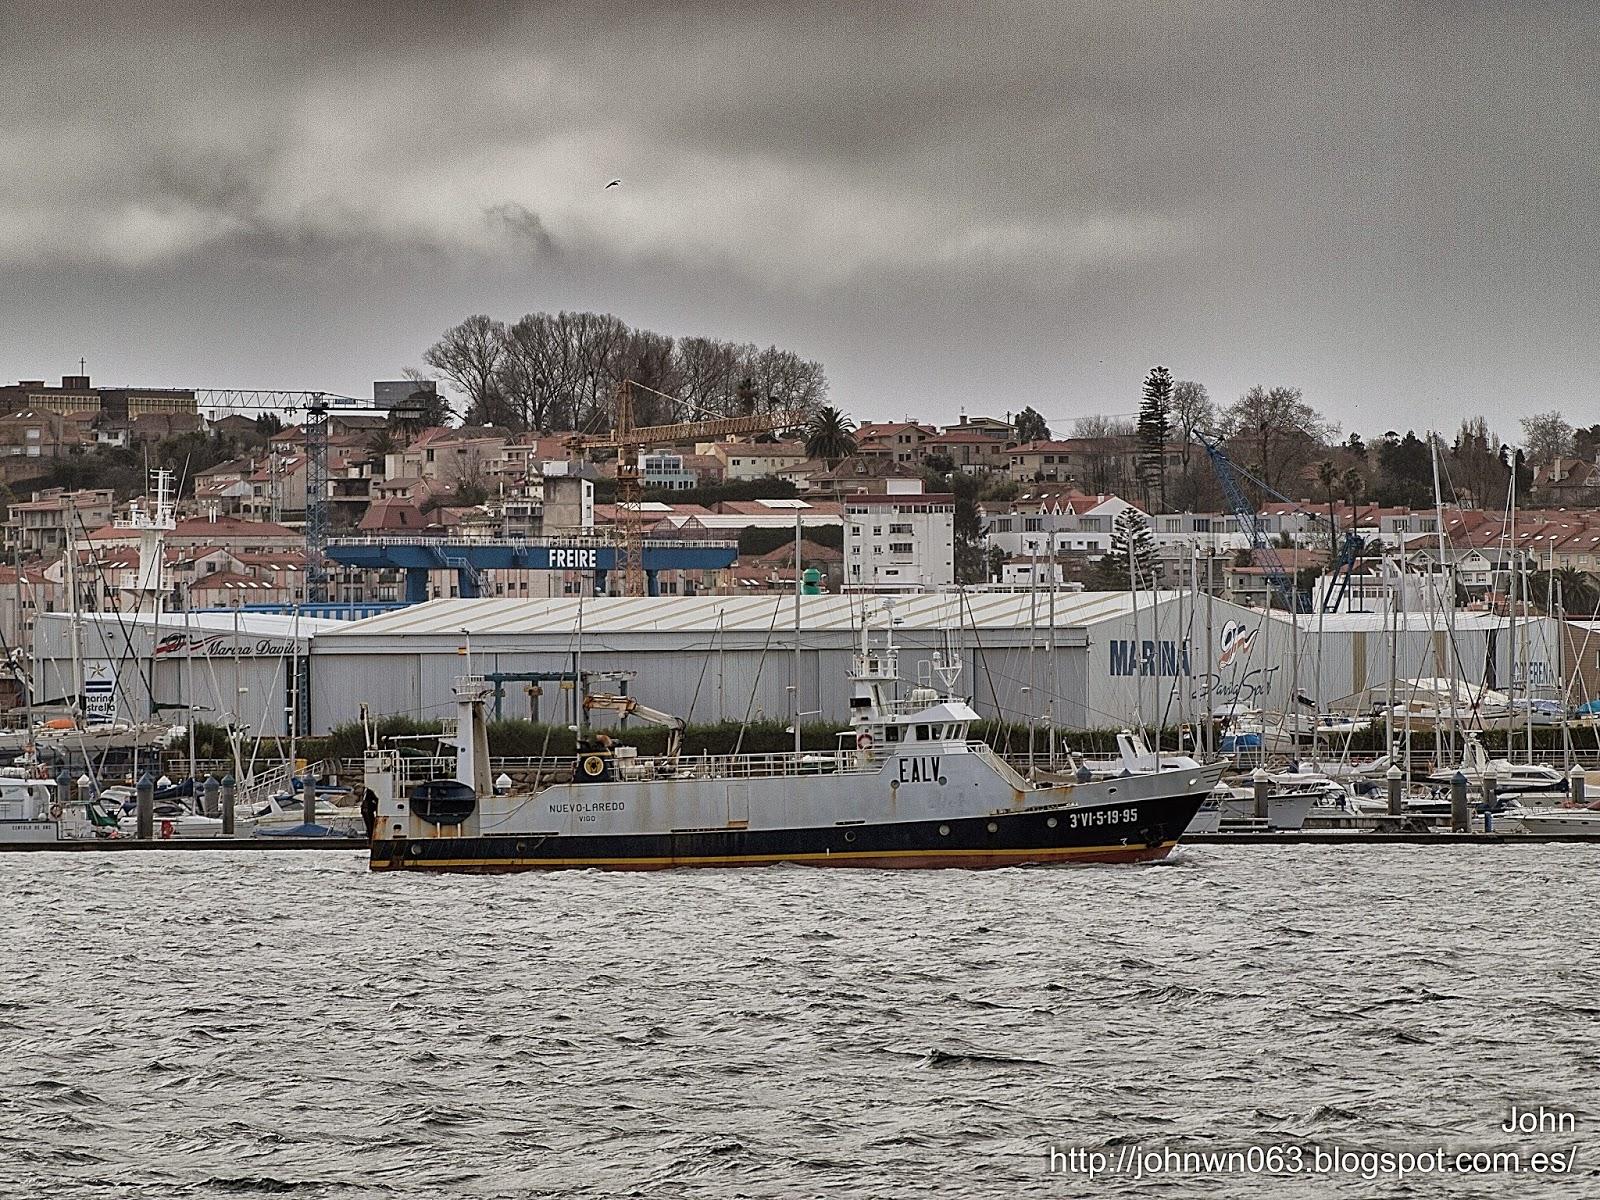 fotos de barcos, imagenes de barcos, nuevo laredo, astilleros armada, pesquero, vigo